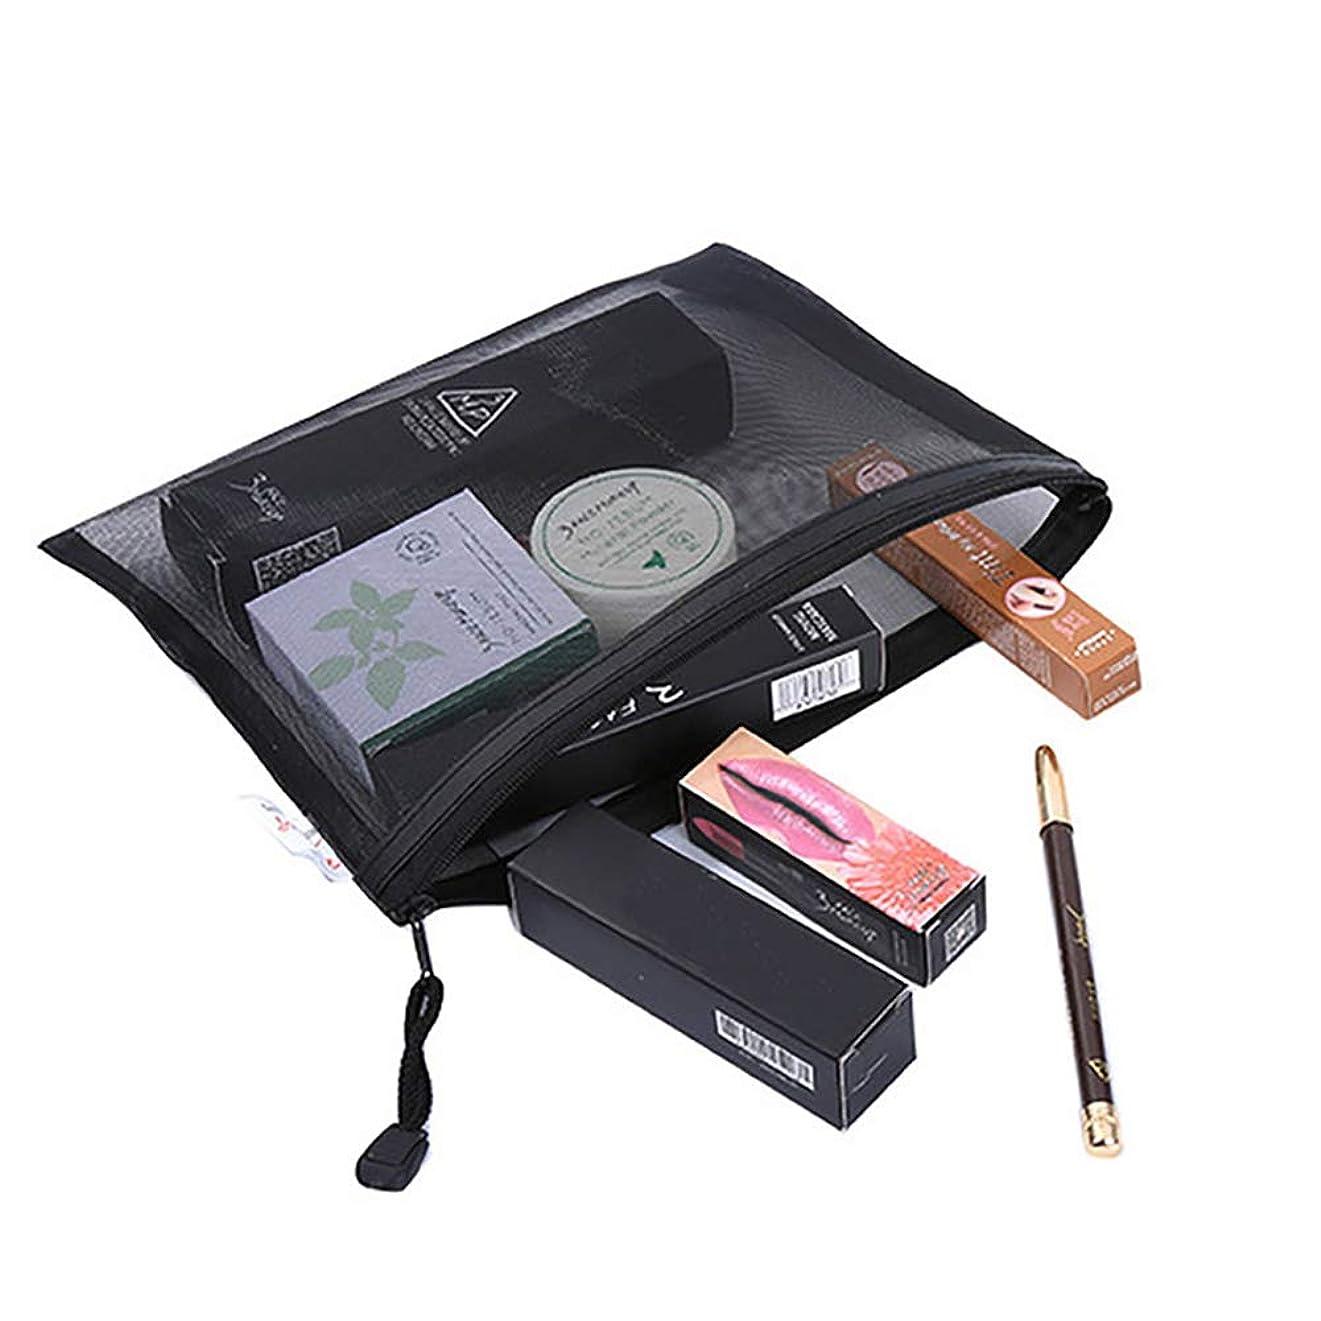 私たちの協力するダンプBeito 化粧ポーチ メイクポーチ ミニ 財布 機能的 大容量 化粧品収納 小物入れ 普段使い 出張 旅行 メイク ブラシ バッグ 化粧バッグ